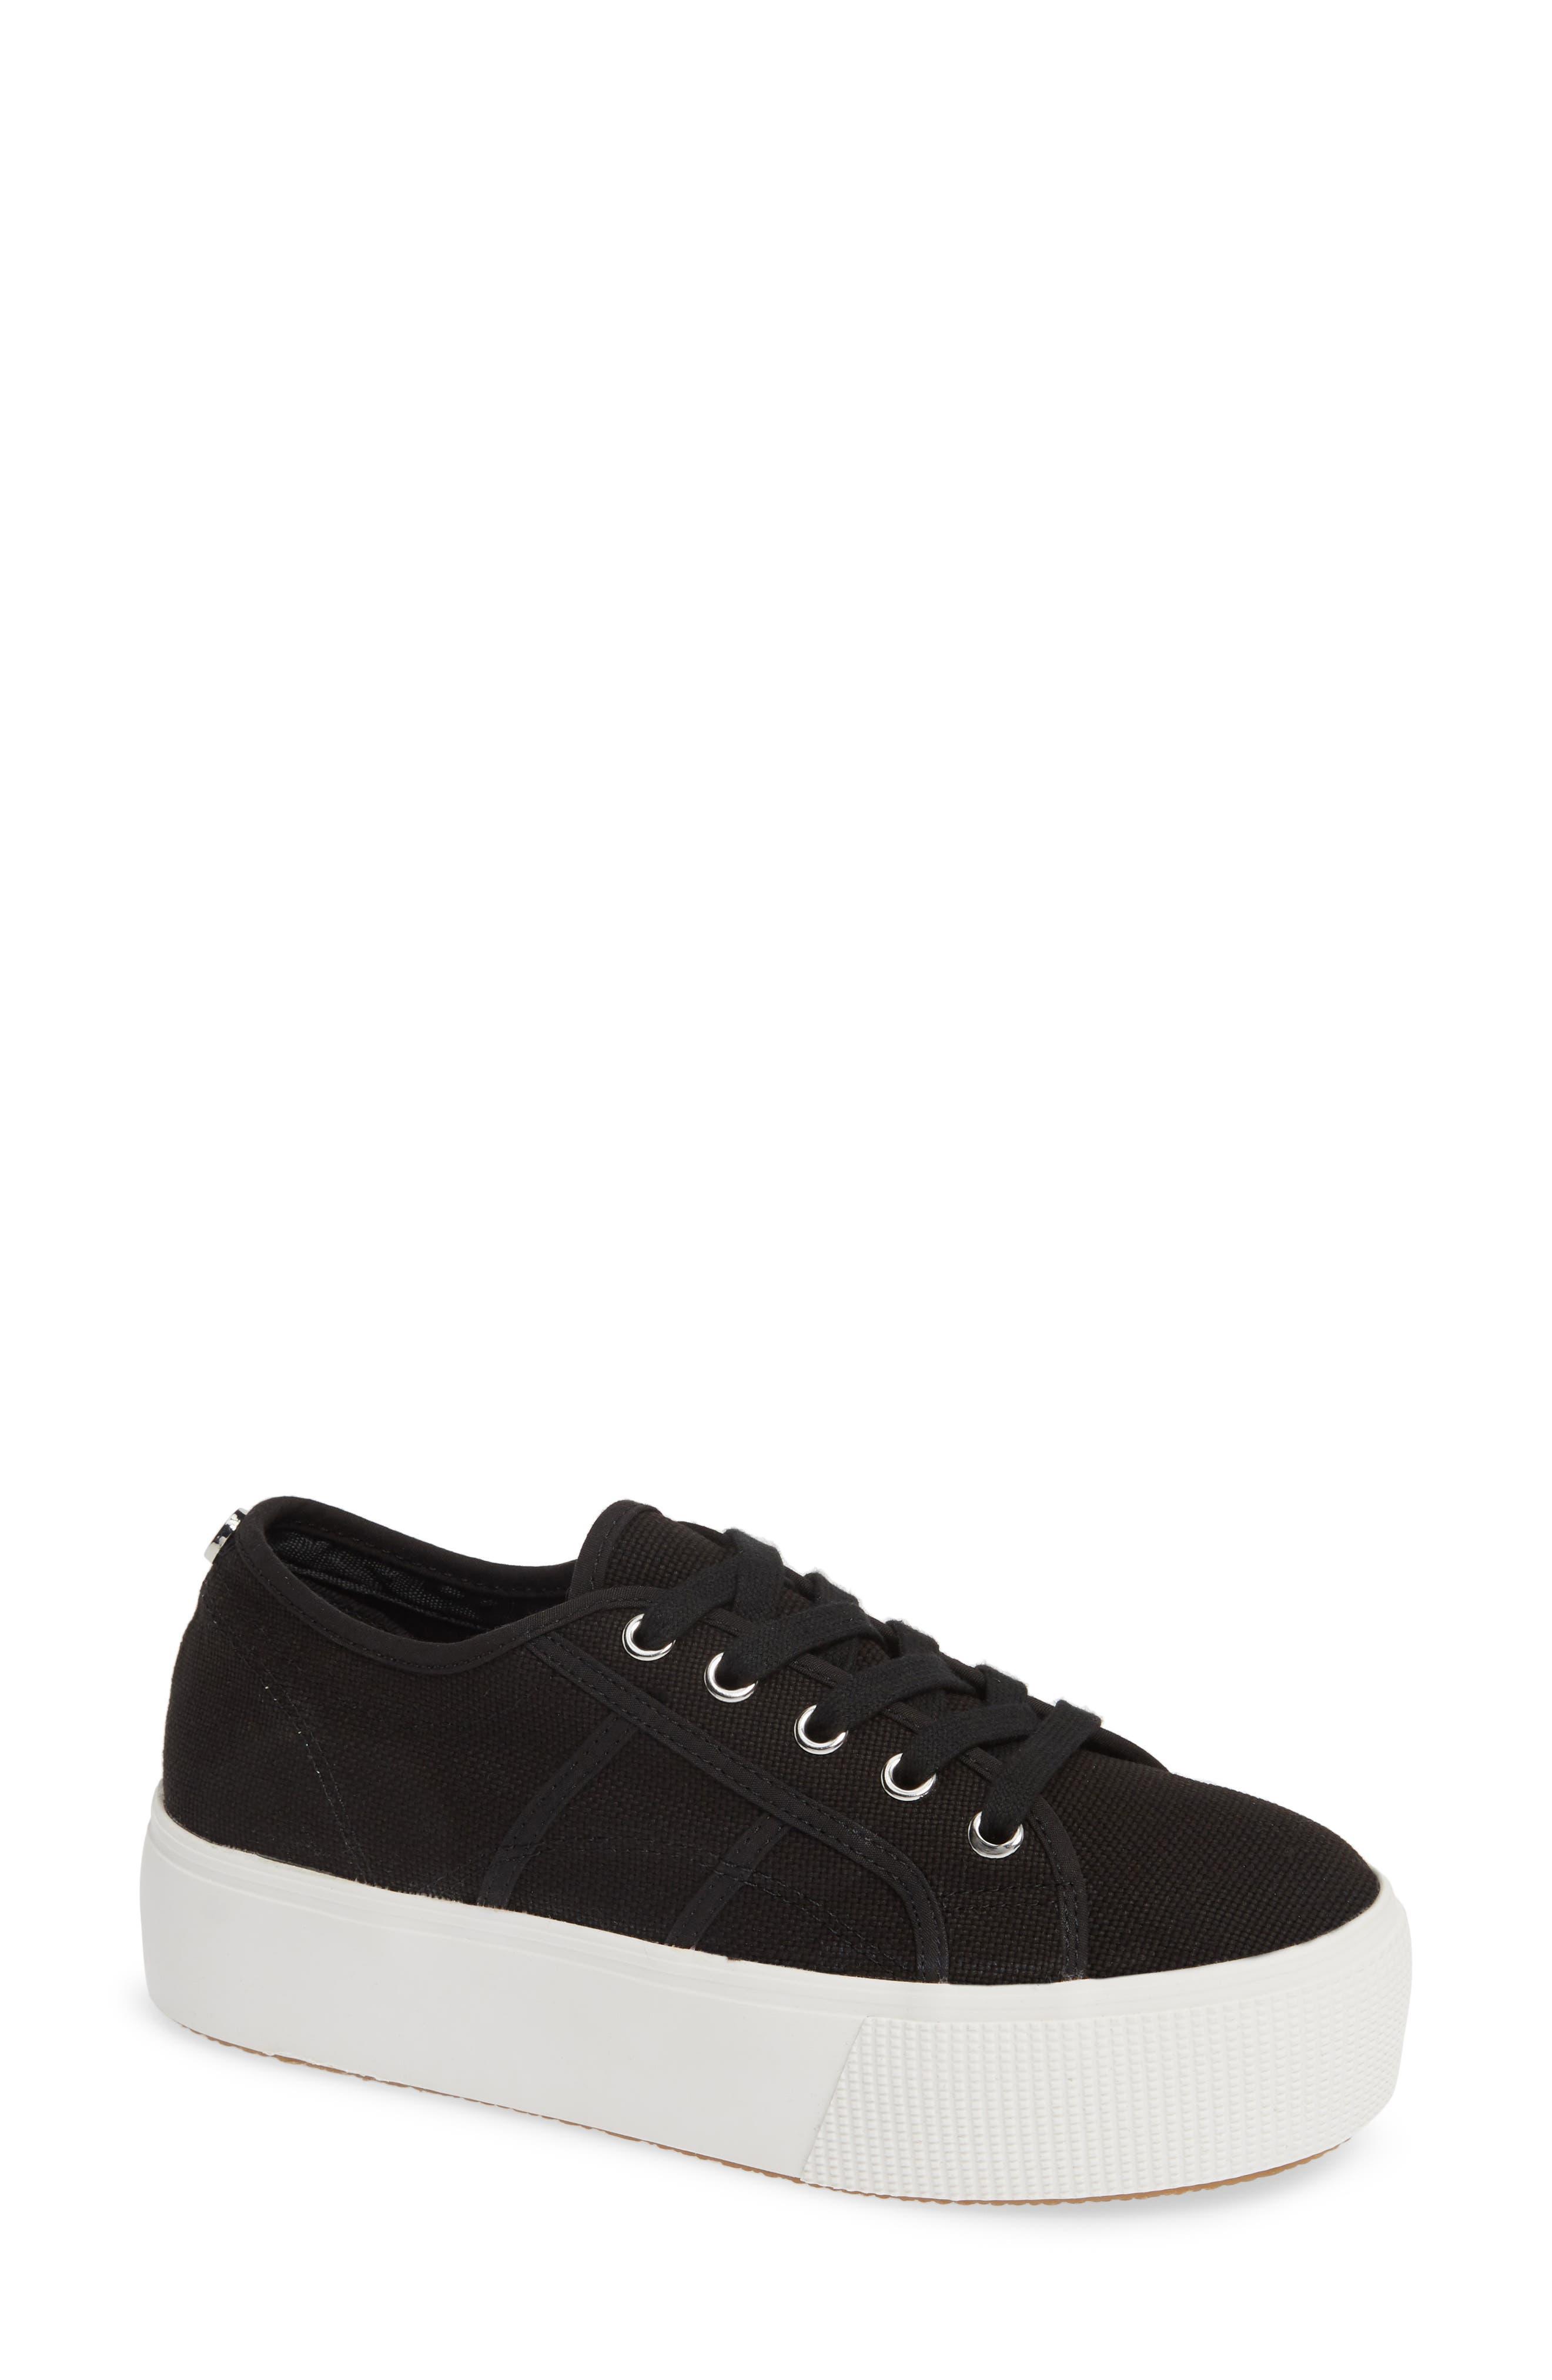 STEVE MADDEN Emmi Platform Sneaker, Main, color, BLACK